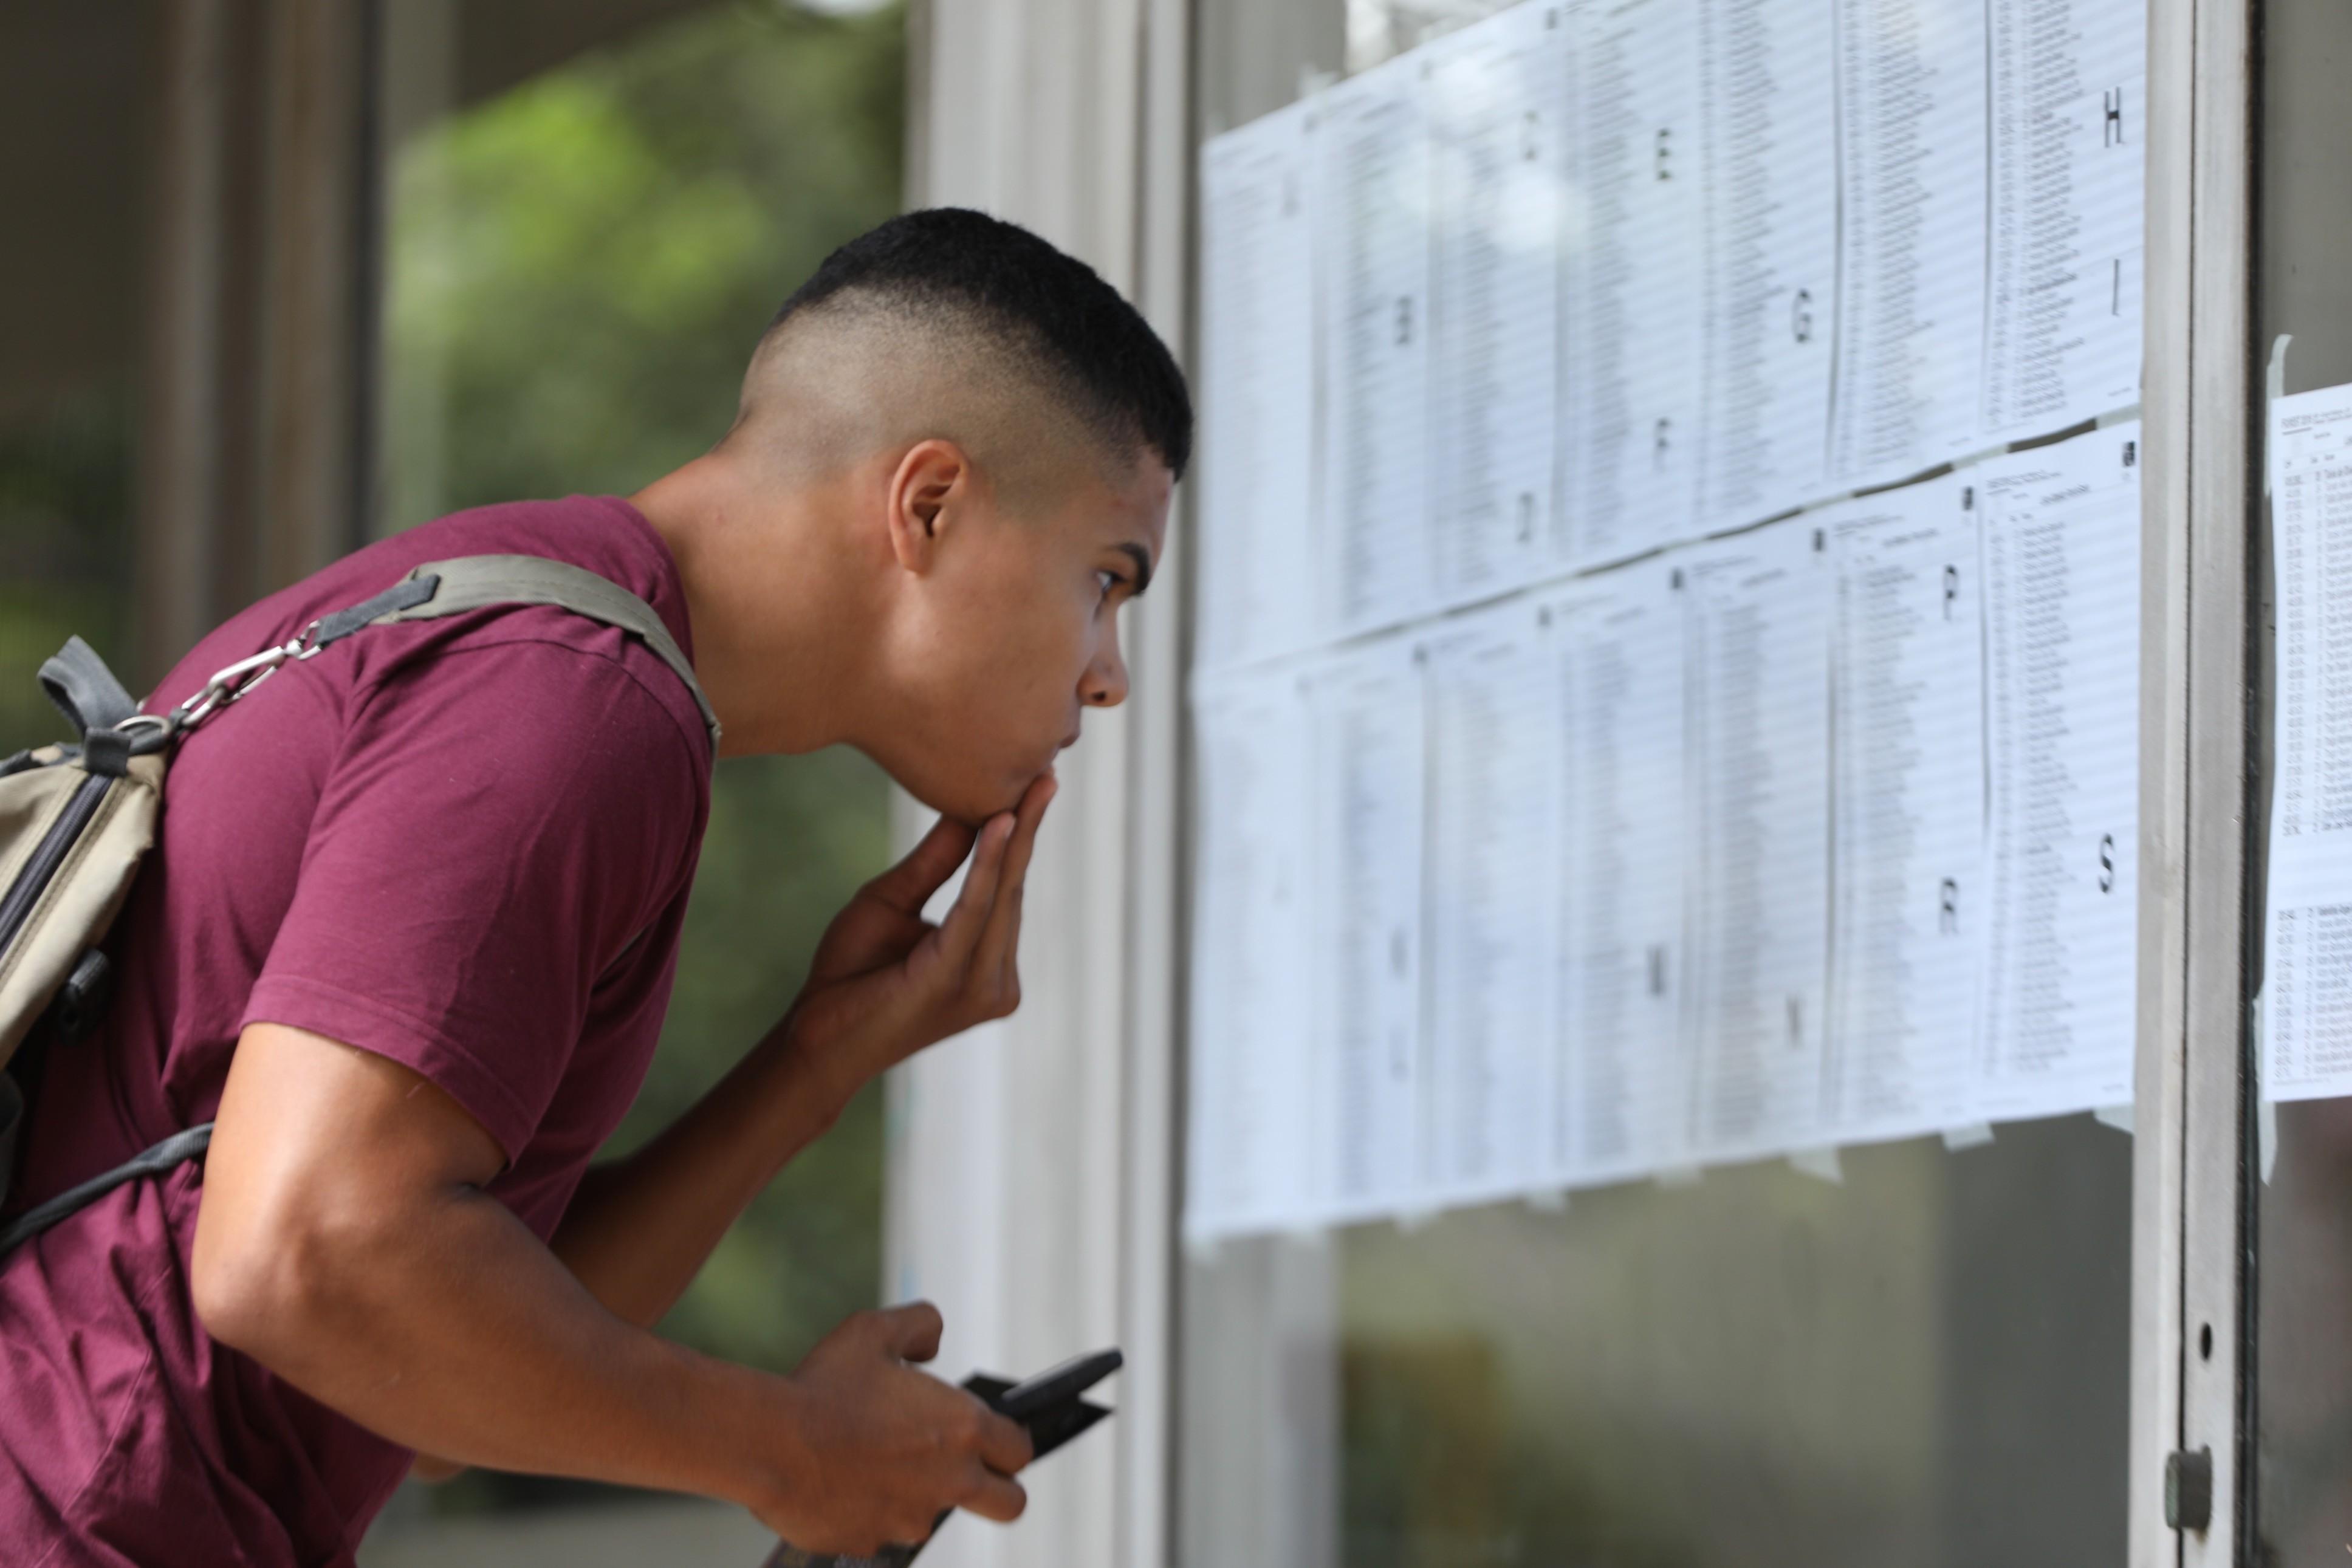 Fuvest 2020: inscrições para o vestibular da USP terminam ao meio-dia desta sexta - Notícias - Plantão Diário